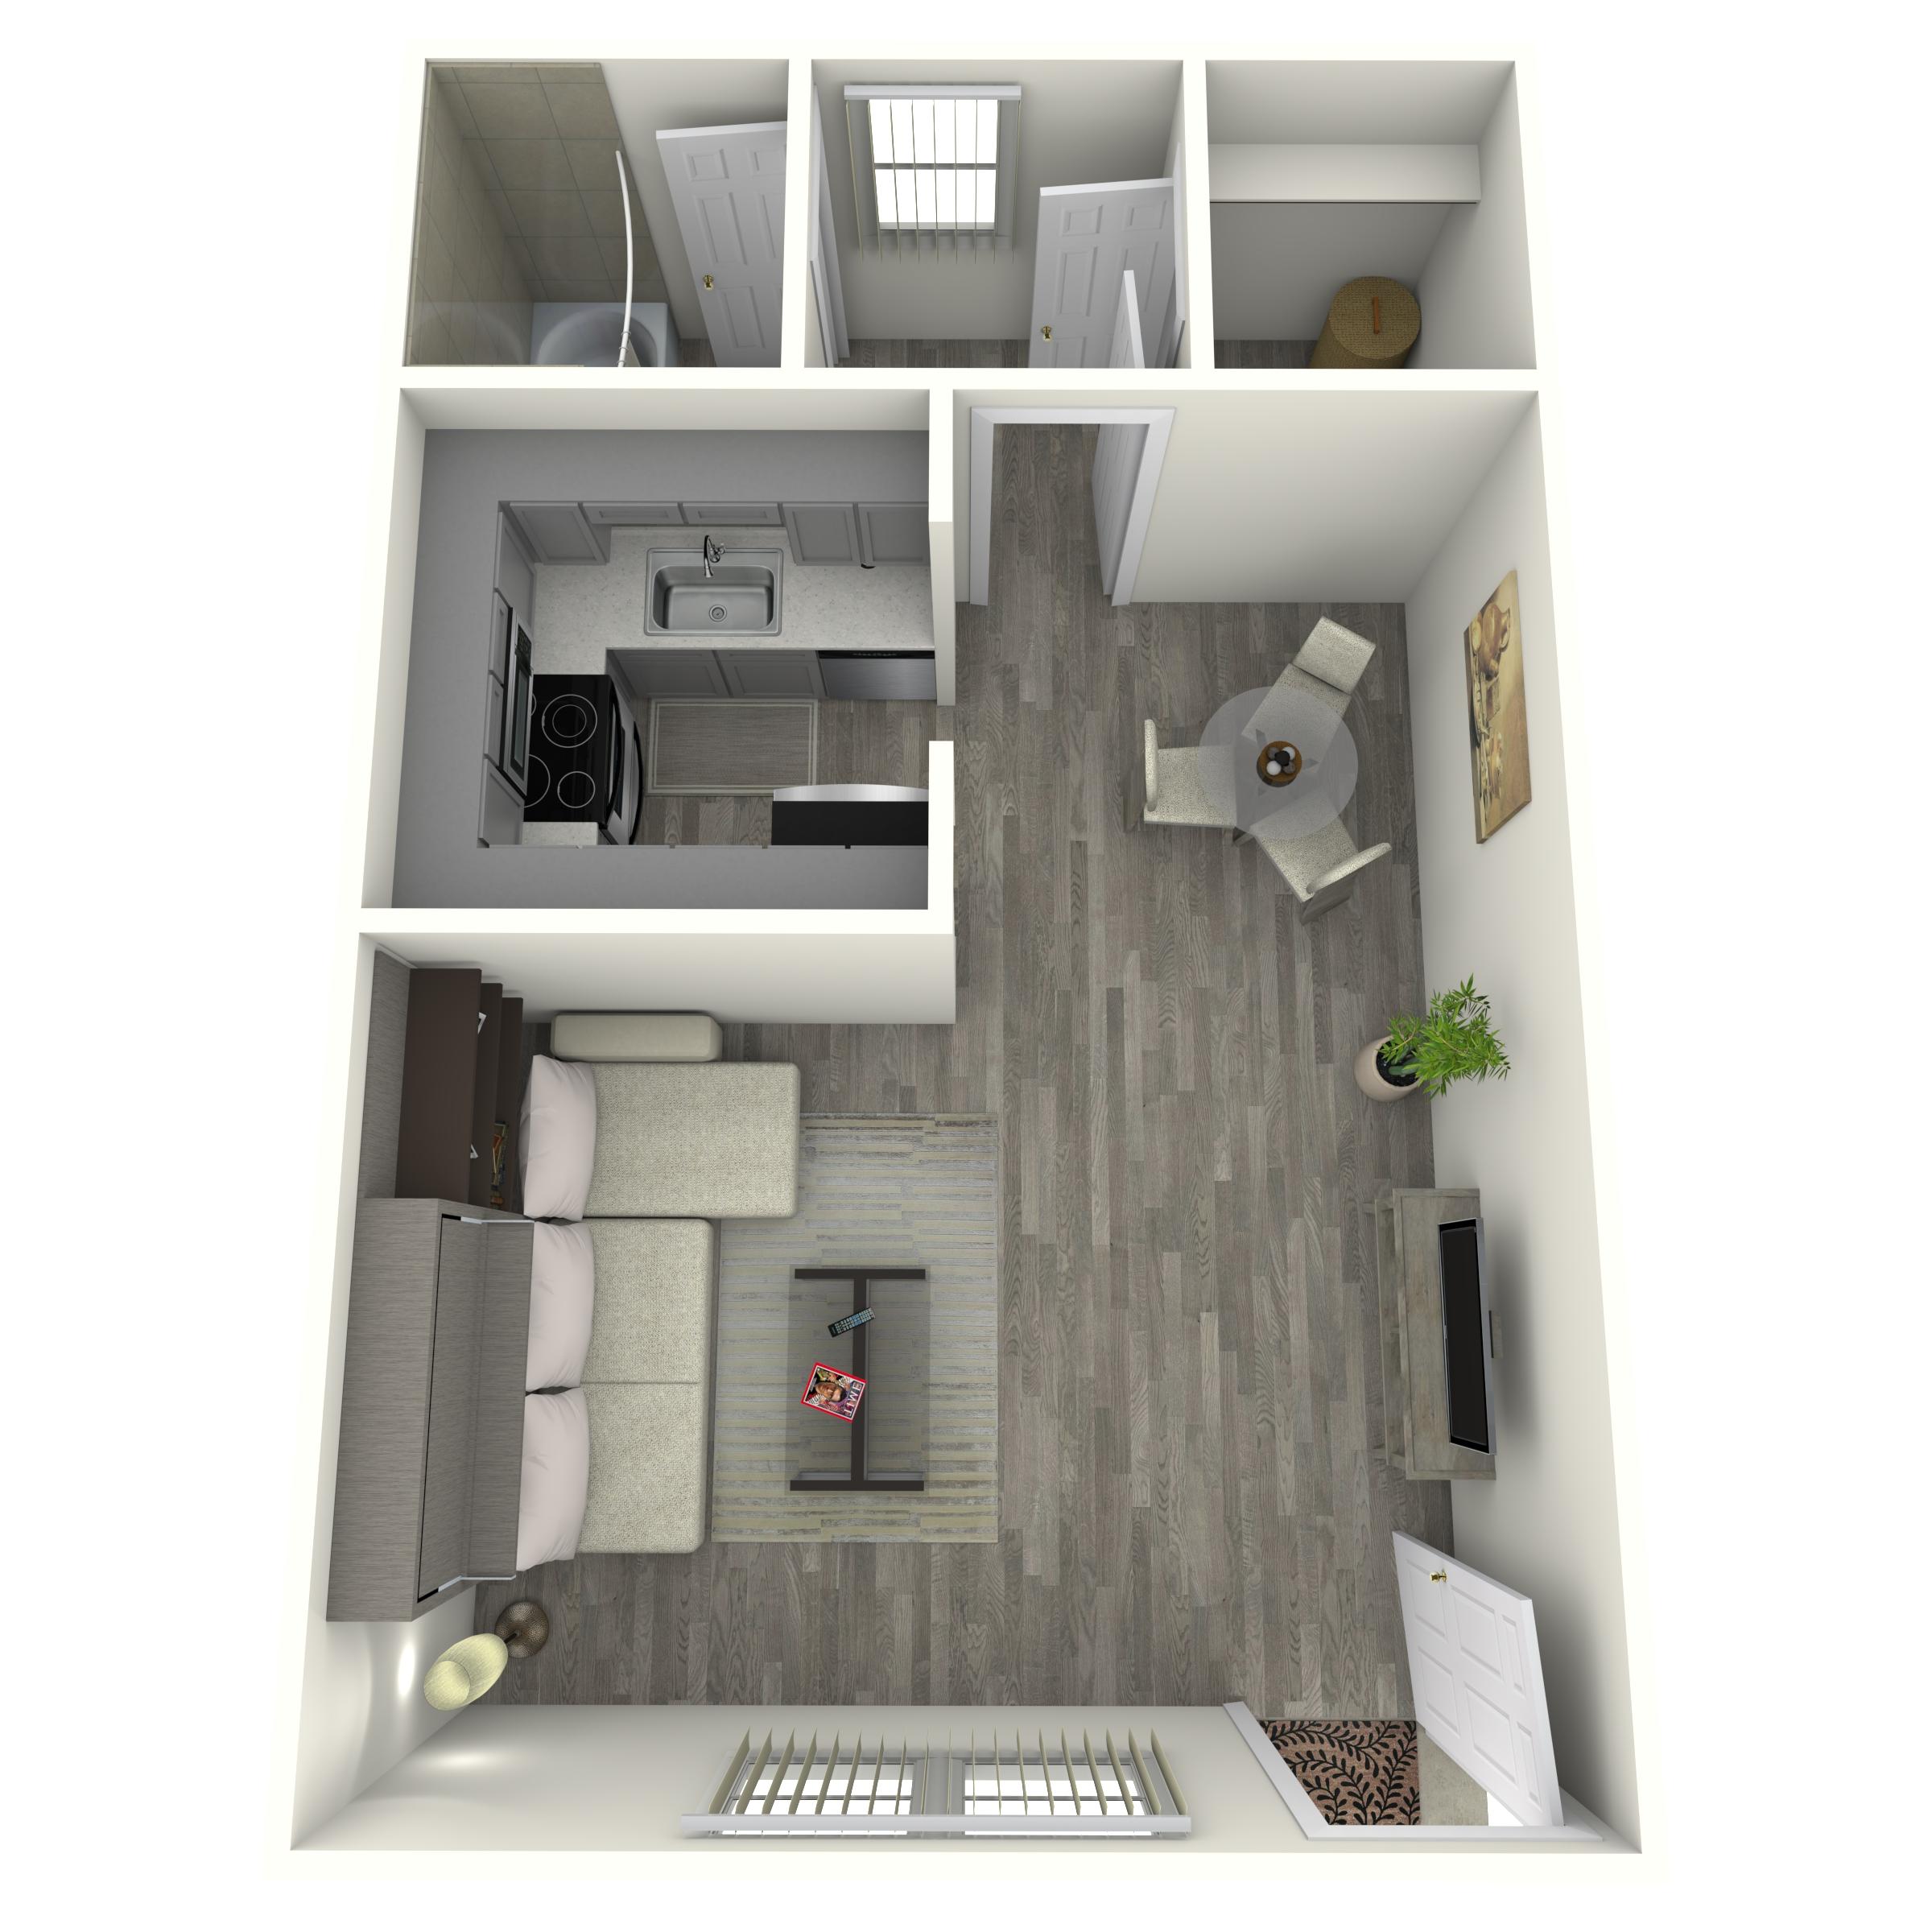 Floor plan image of Studio Renovated